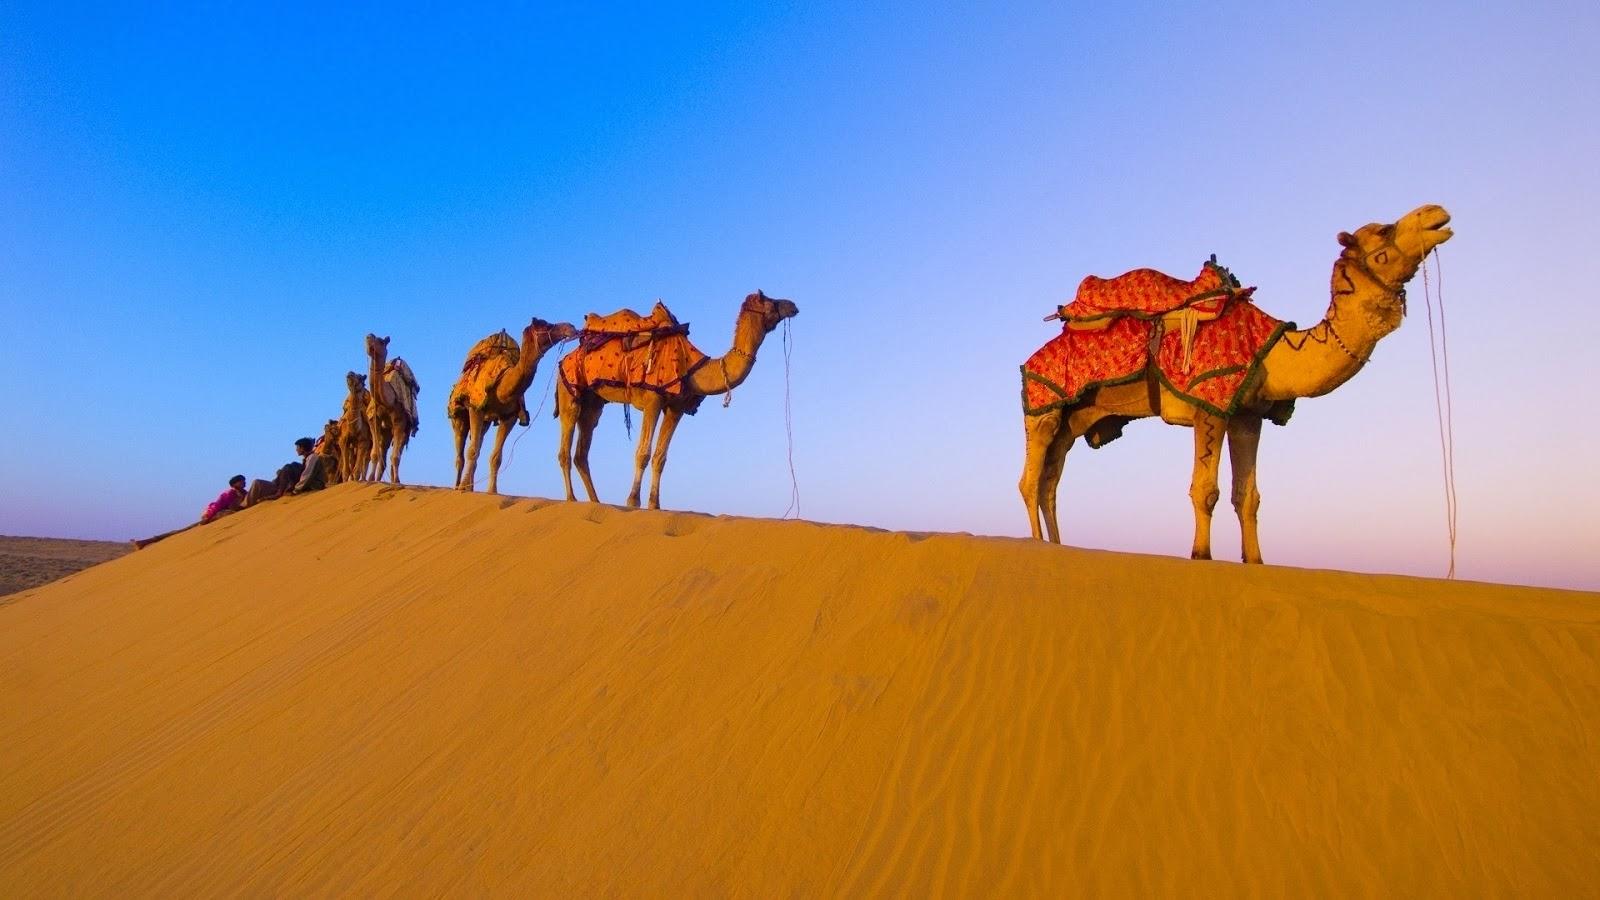 http://www.yoyowall.com/wp-content/uploads/2013/07/Camels-Desert.jpg